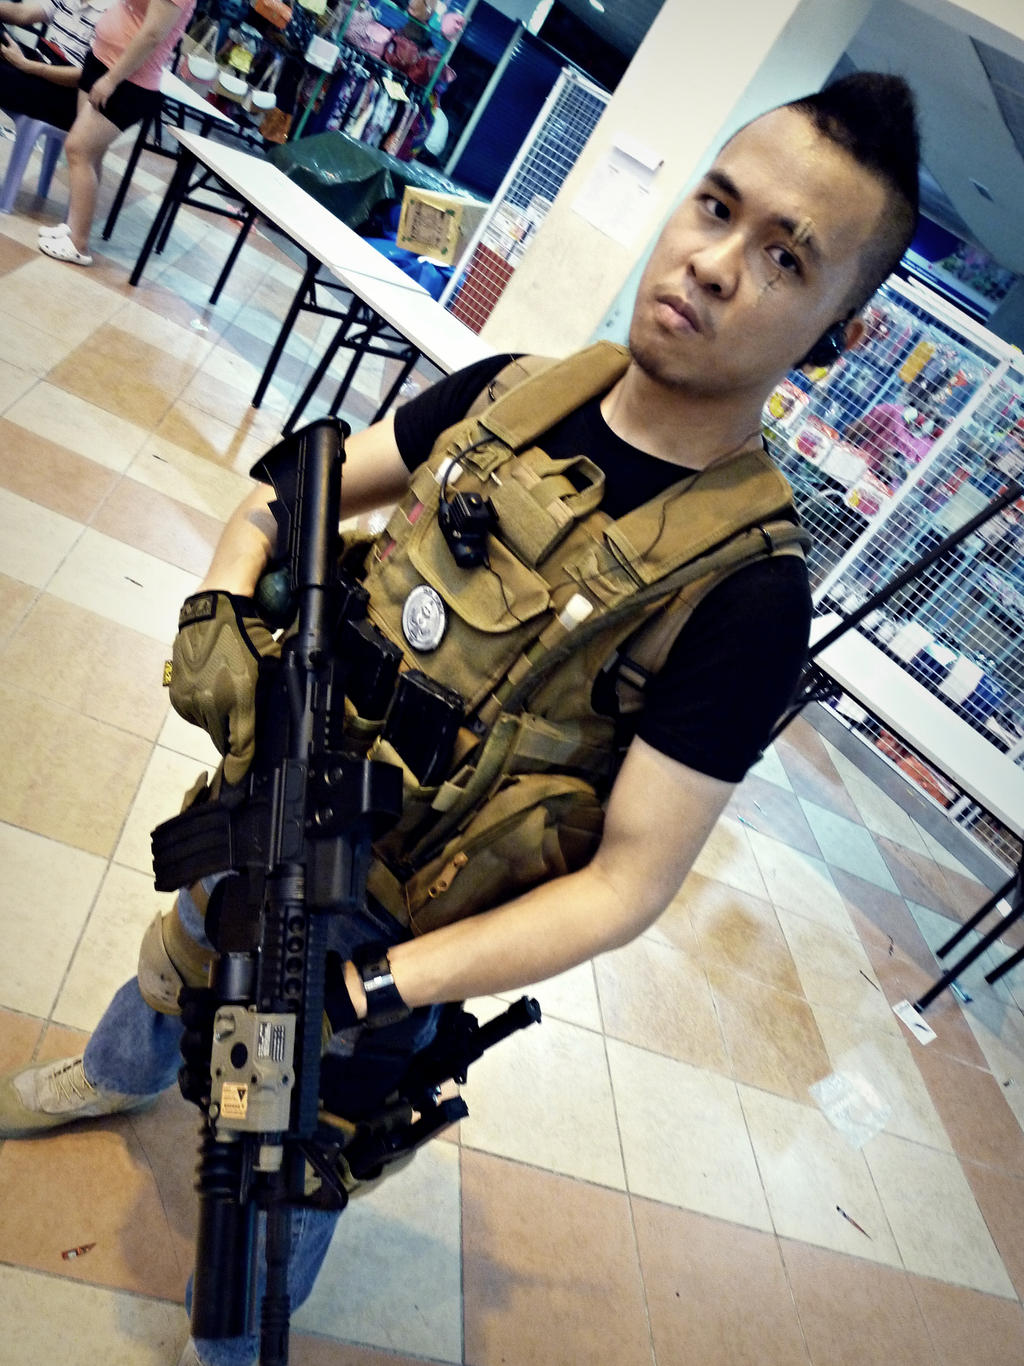 Call of duty mw3 soap mactavish